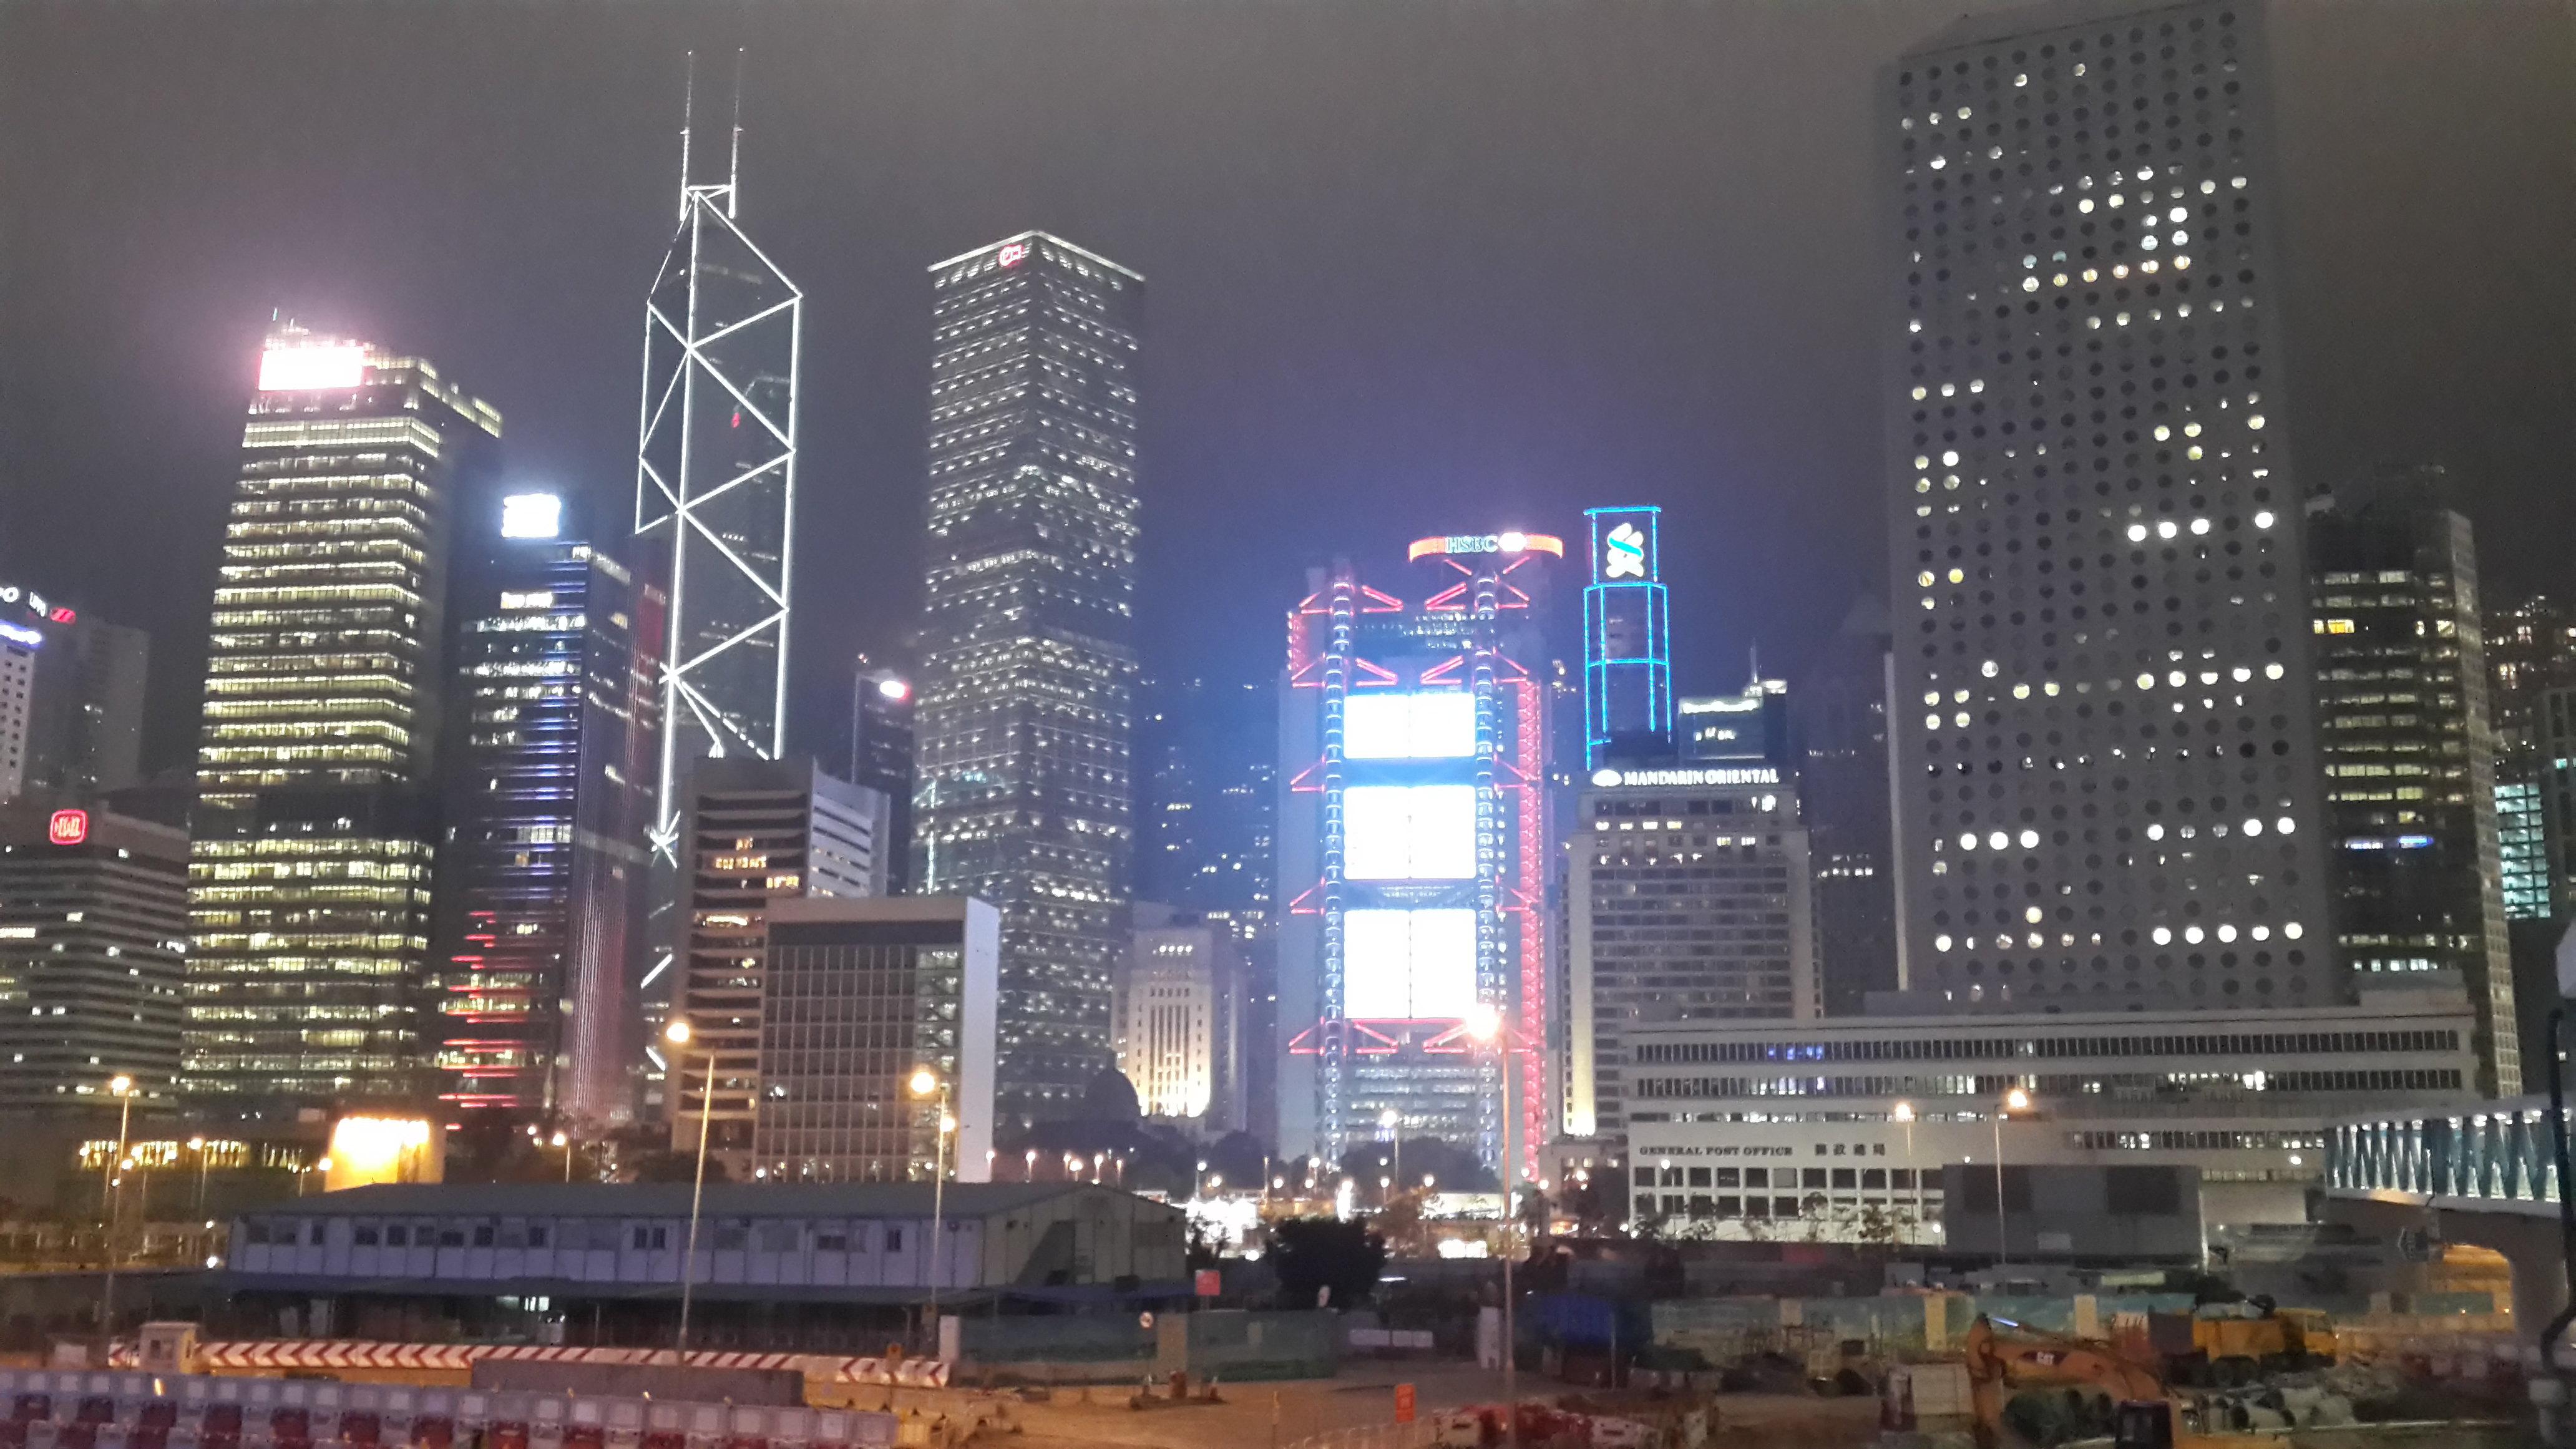 夜晚高楼大厦卡通素材